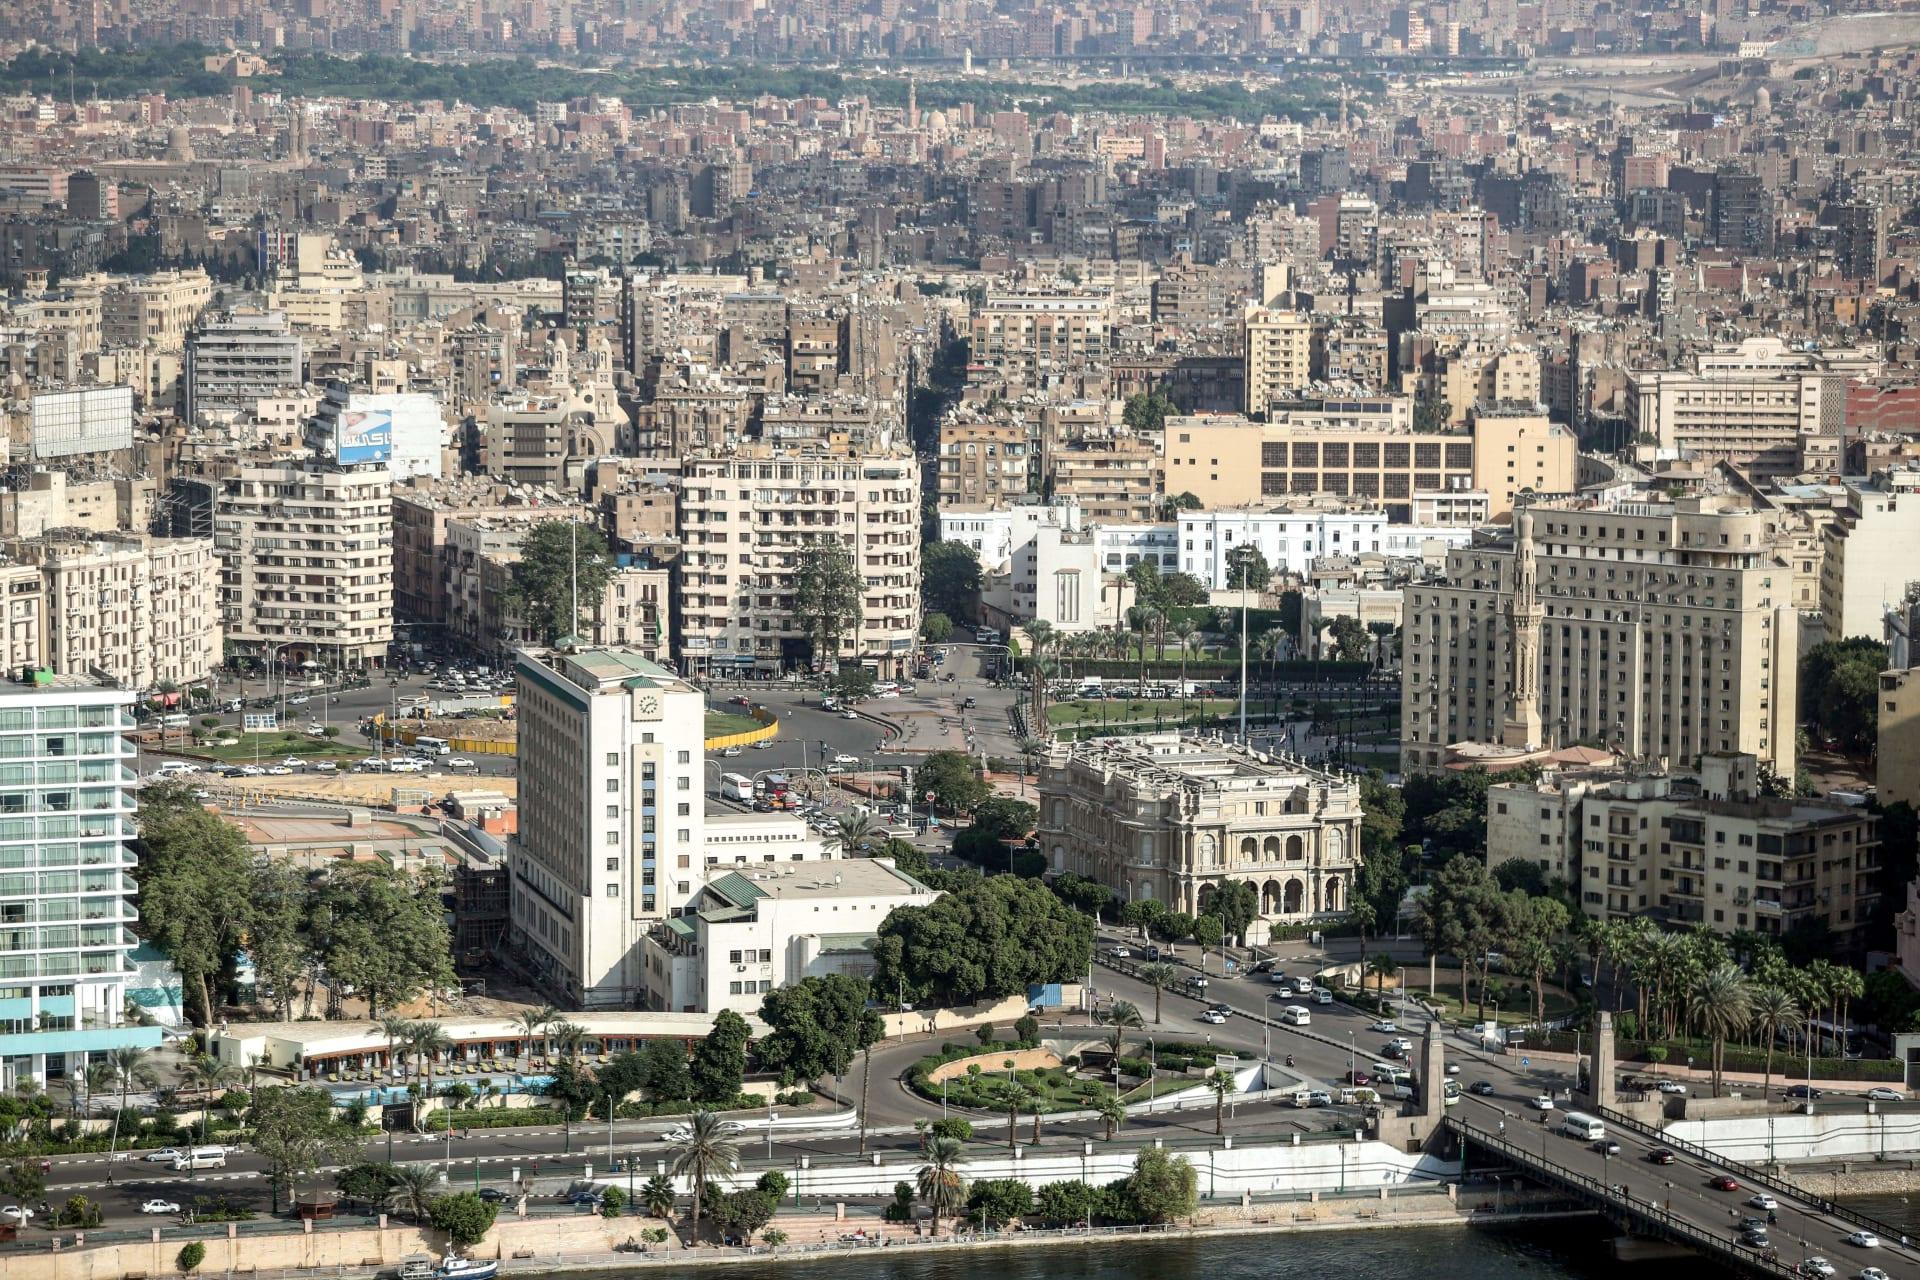 الداخلية المصرية تكشف أسباب اعتقال 4 من موظفي وكالة الأناضول التركية